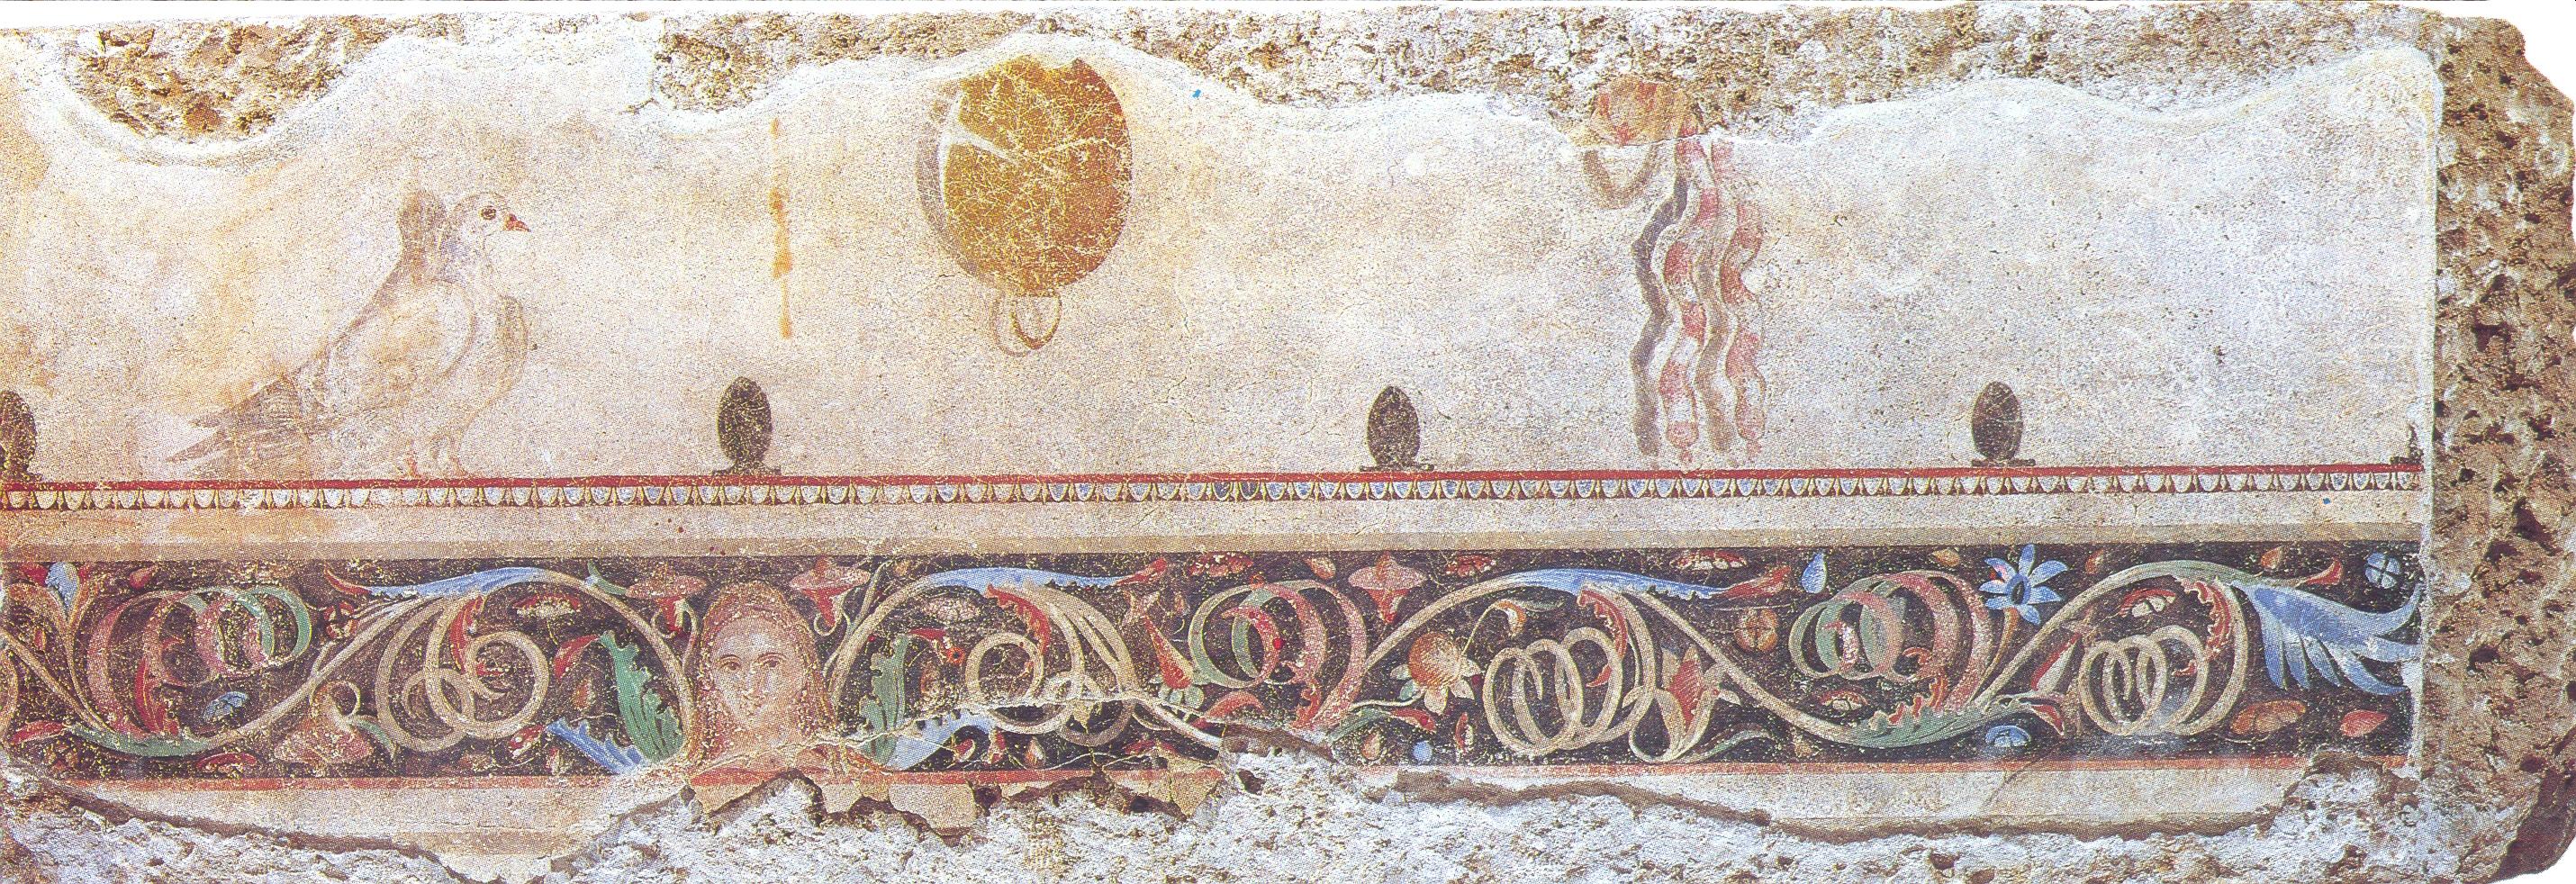 Complete Fresco - Aenea